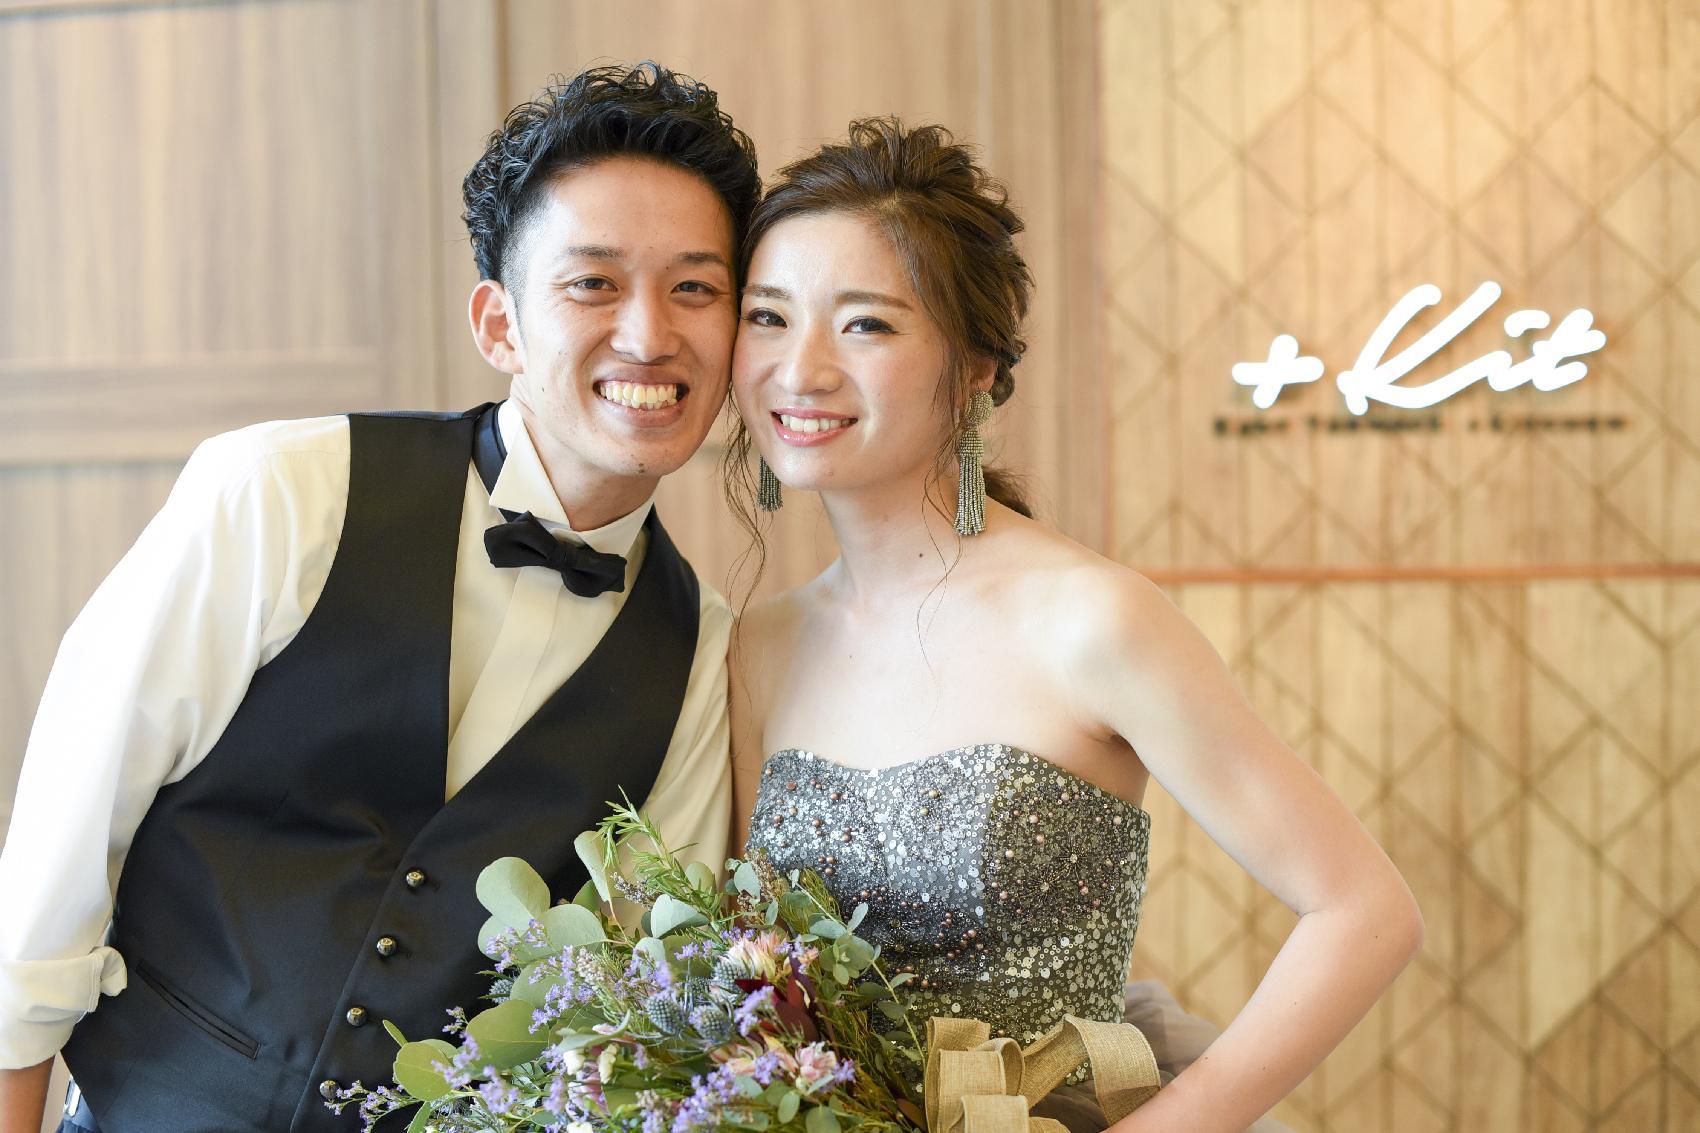 香川県高松市の結婚式場アナザースタイルで結婚式をされたおふたりのツーショット